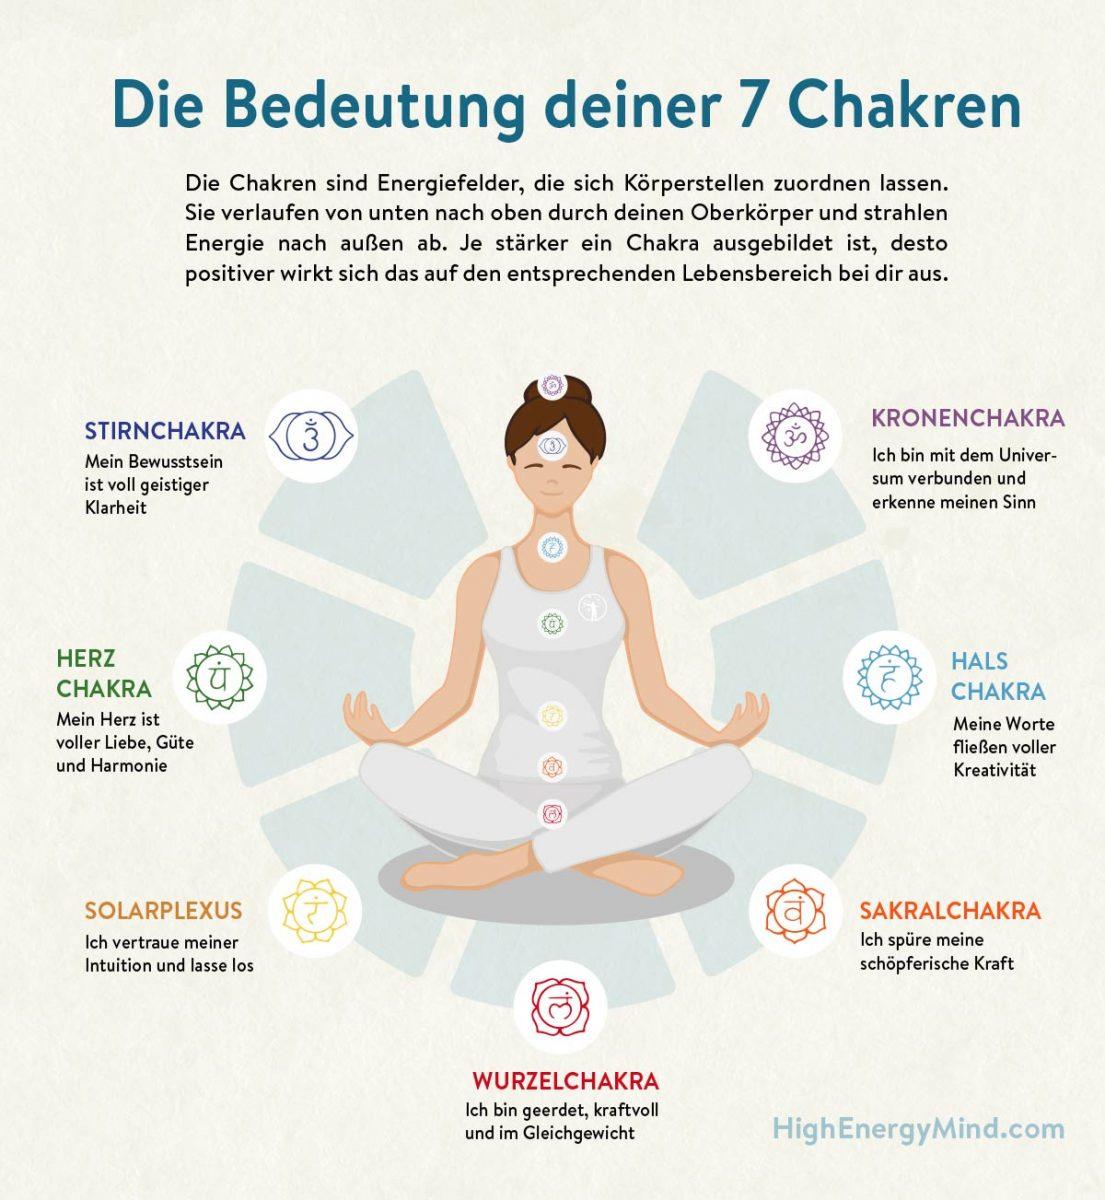 Chakren sind für die Energieumwandlung in deinem Körper verantwortlich. Mit den Chakren nimmst du Energie von außen auf und nutzt sie in deinem eigenen Körper.